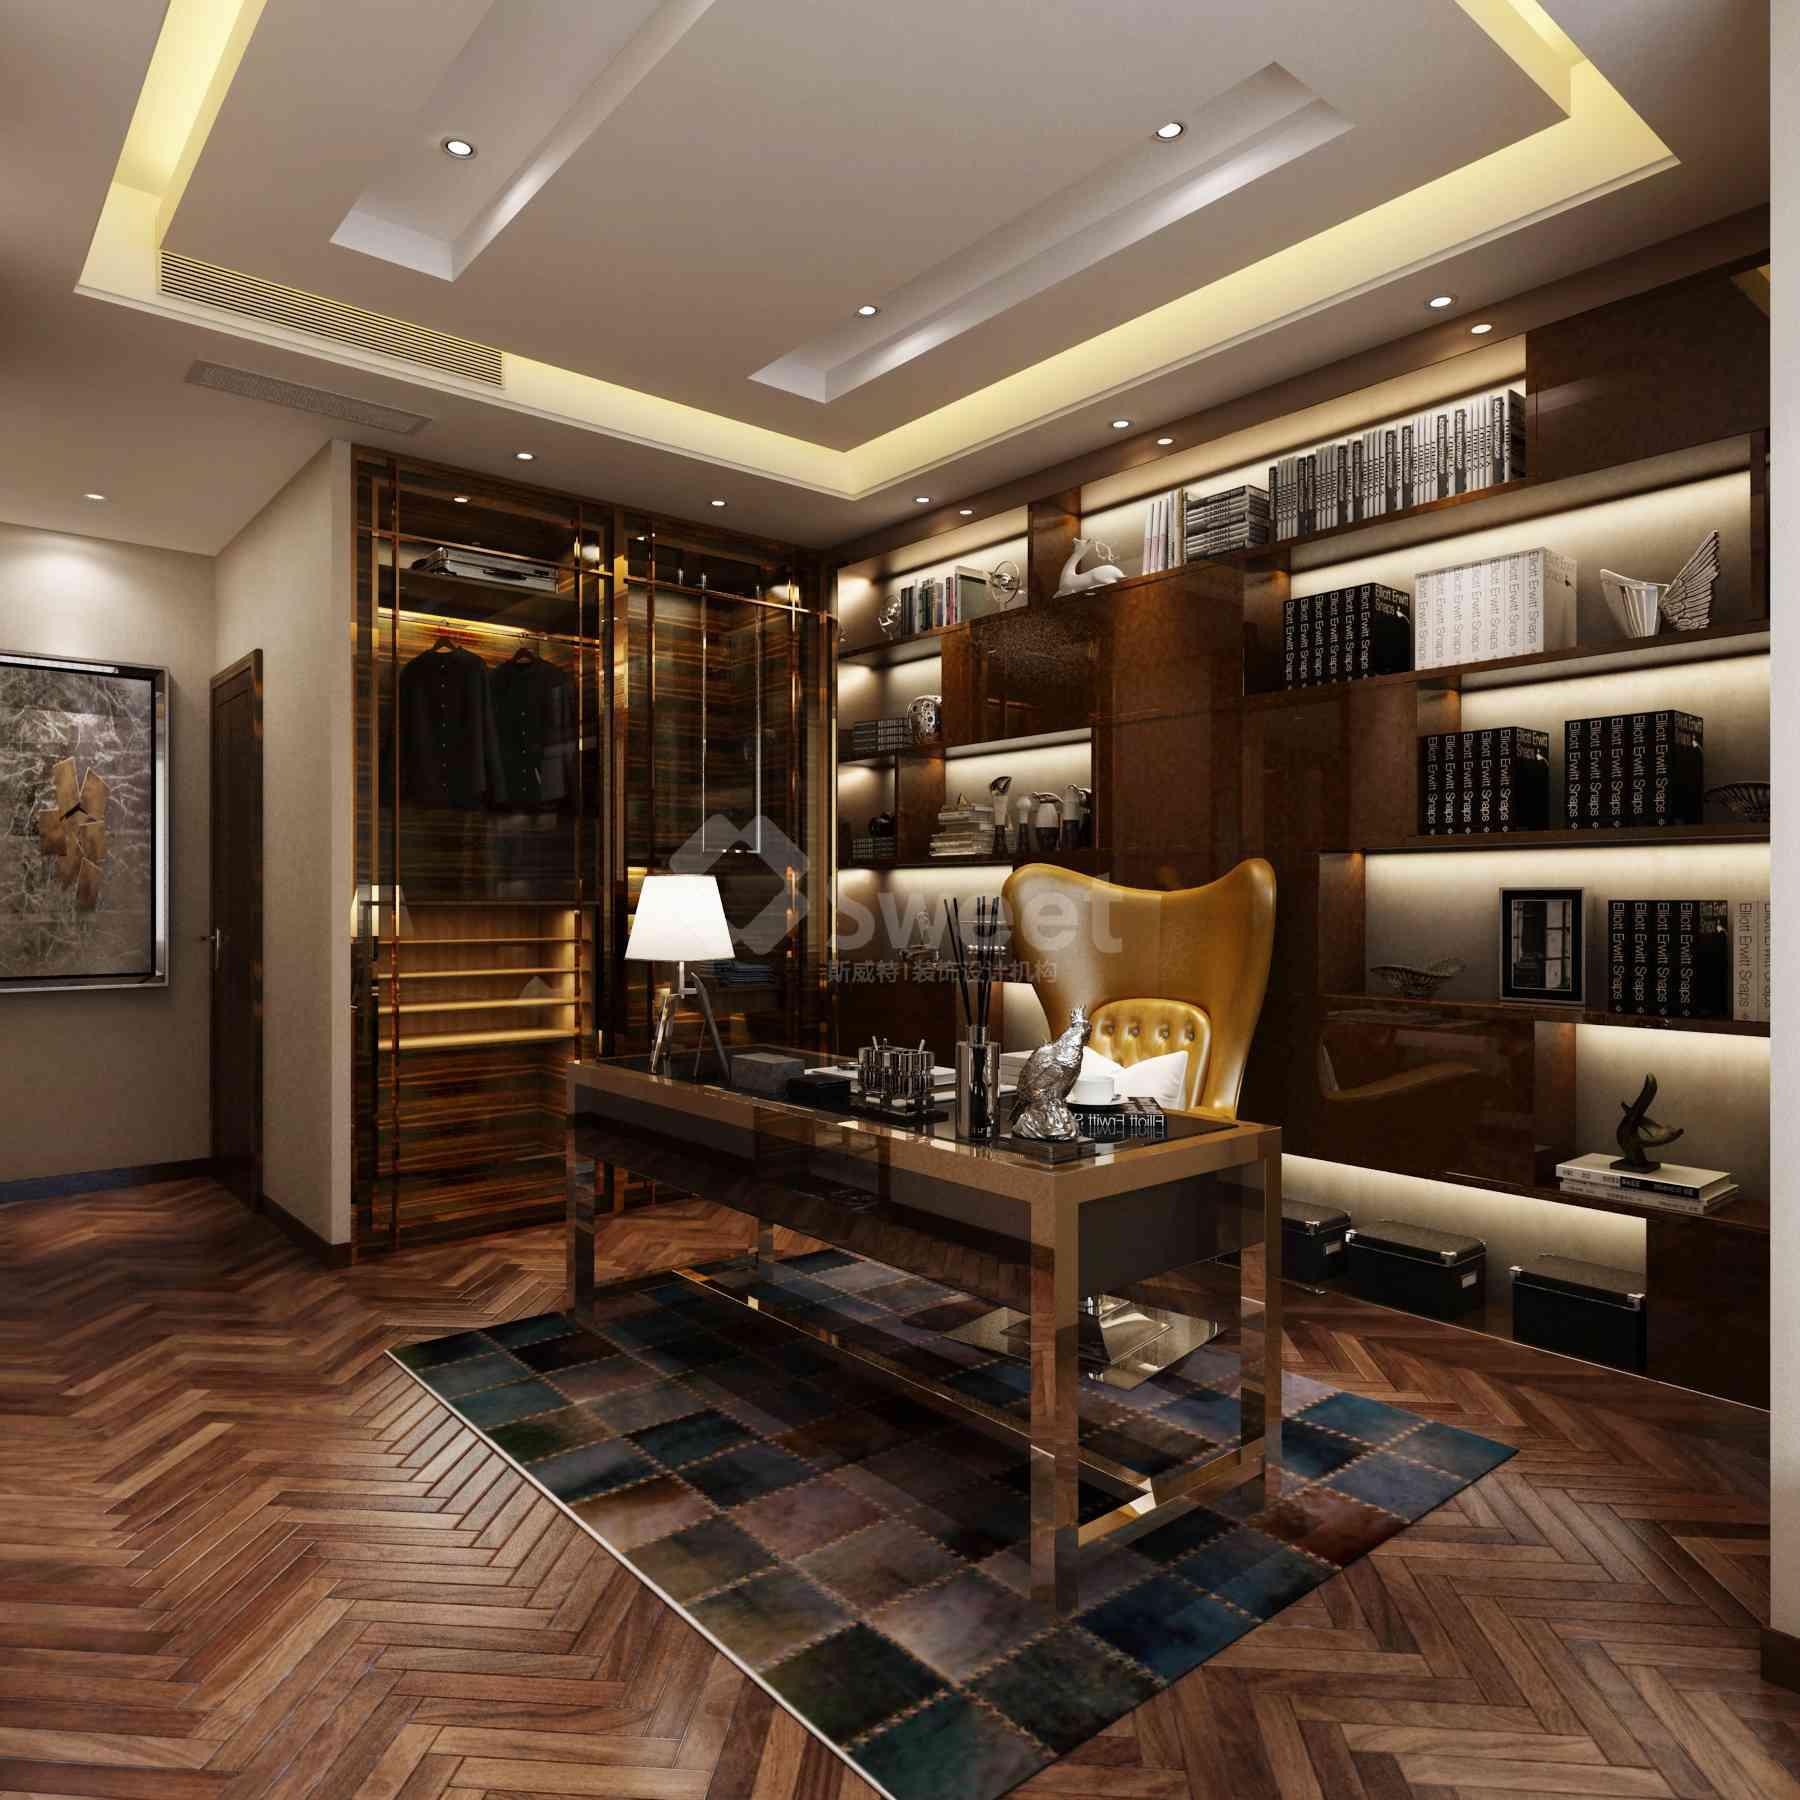 木纹石材的地面,弧型的空间,独特的空间,拷漆的紫檀木装饰,玫瑰金的不锈钢装饰线,拷漆的饰面,有层次的装饰顶,让空间张扬阔气 整洁内涵,书与木色相协合, 灯光的明暗,使空间更加神秘, 外景的美色与内而相生。